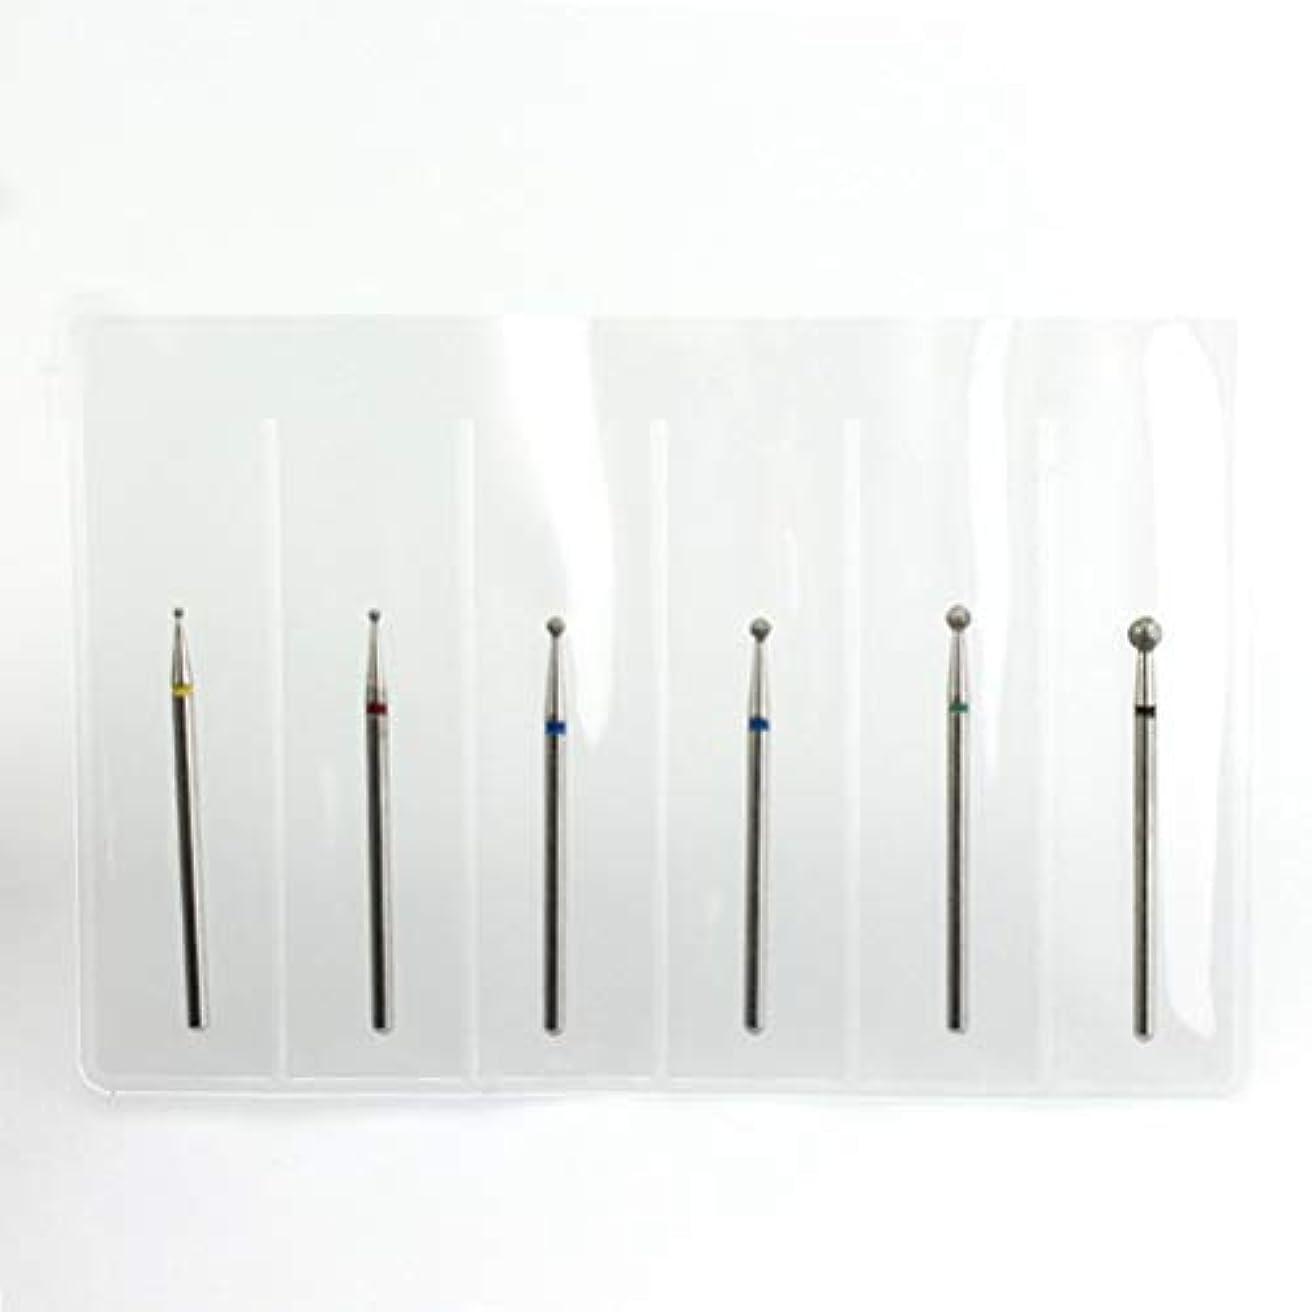 ファッション認知フィクションYoshilimen 安定した6 pcs/セットステンレス鋼釘ドリルビットセット(None SET11H2)